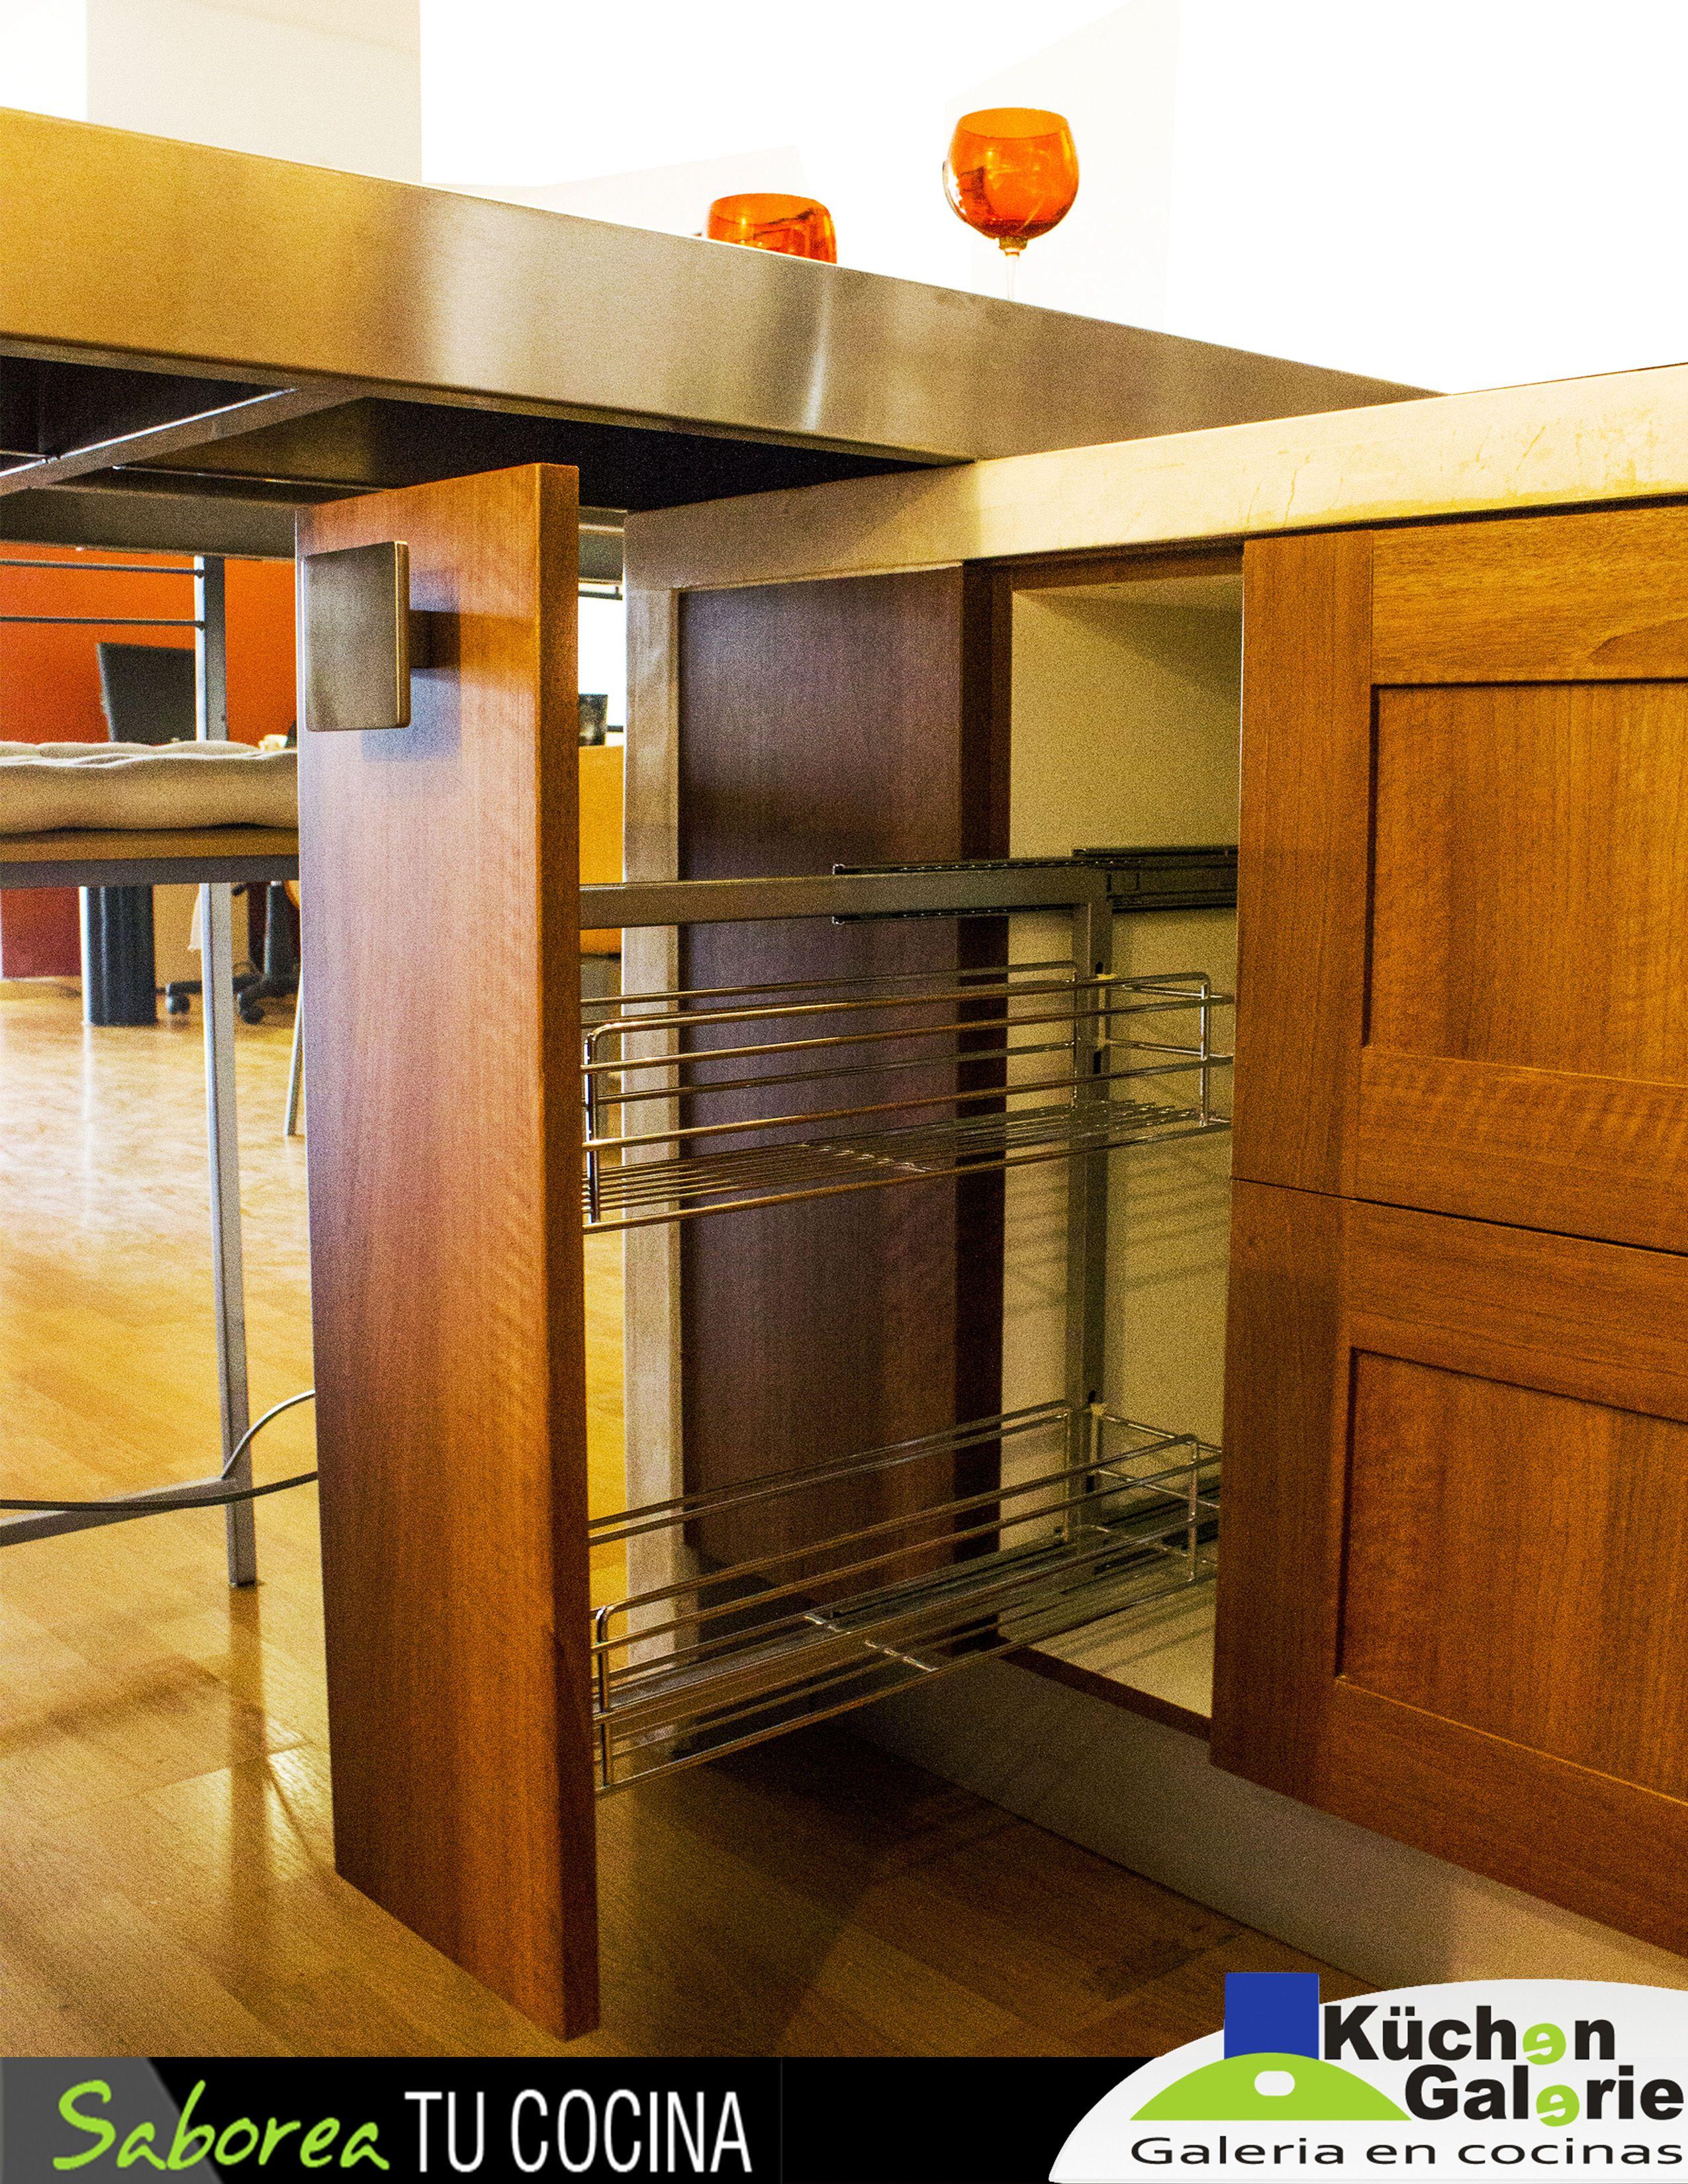 Niedlich Granit Küchengalerie Galerie - Ideen Für Die Küche ...